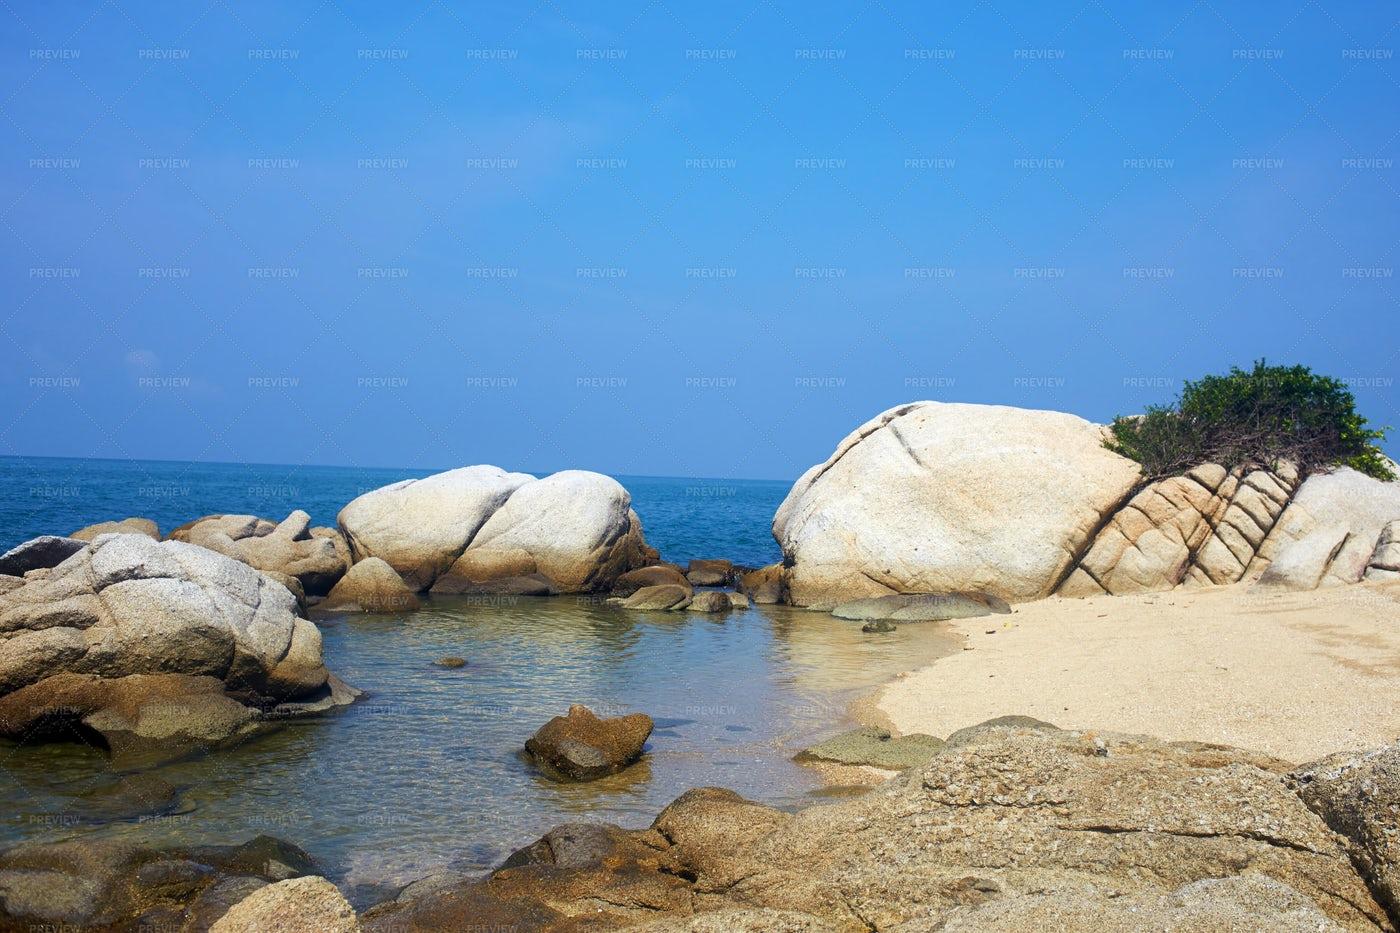 Stones On A Sandy Beach: Stock Photos